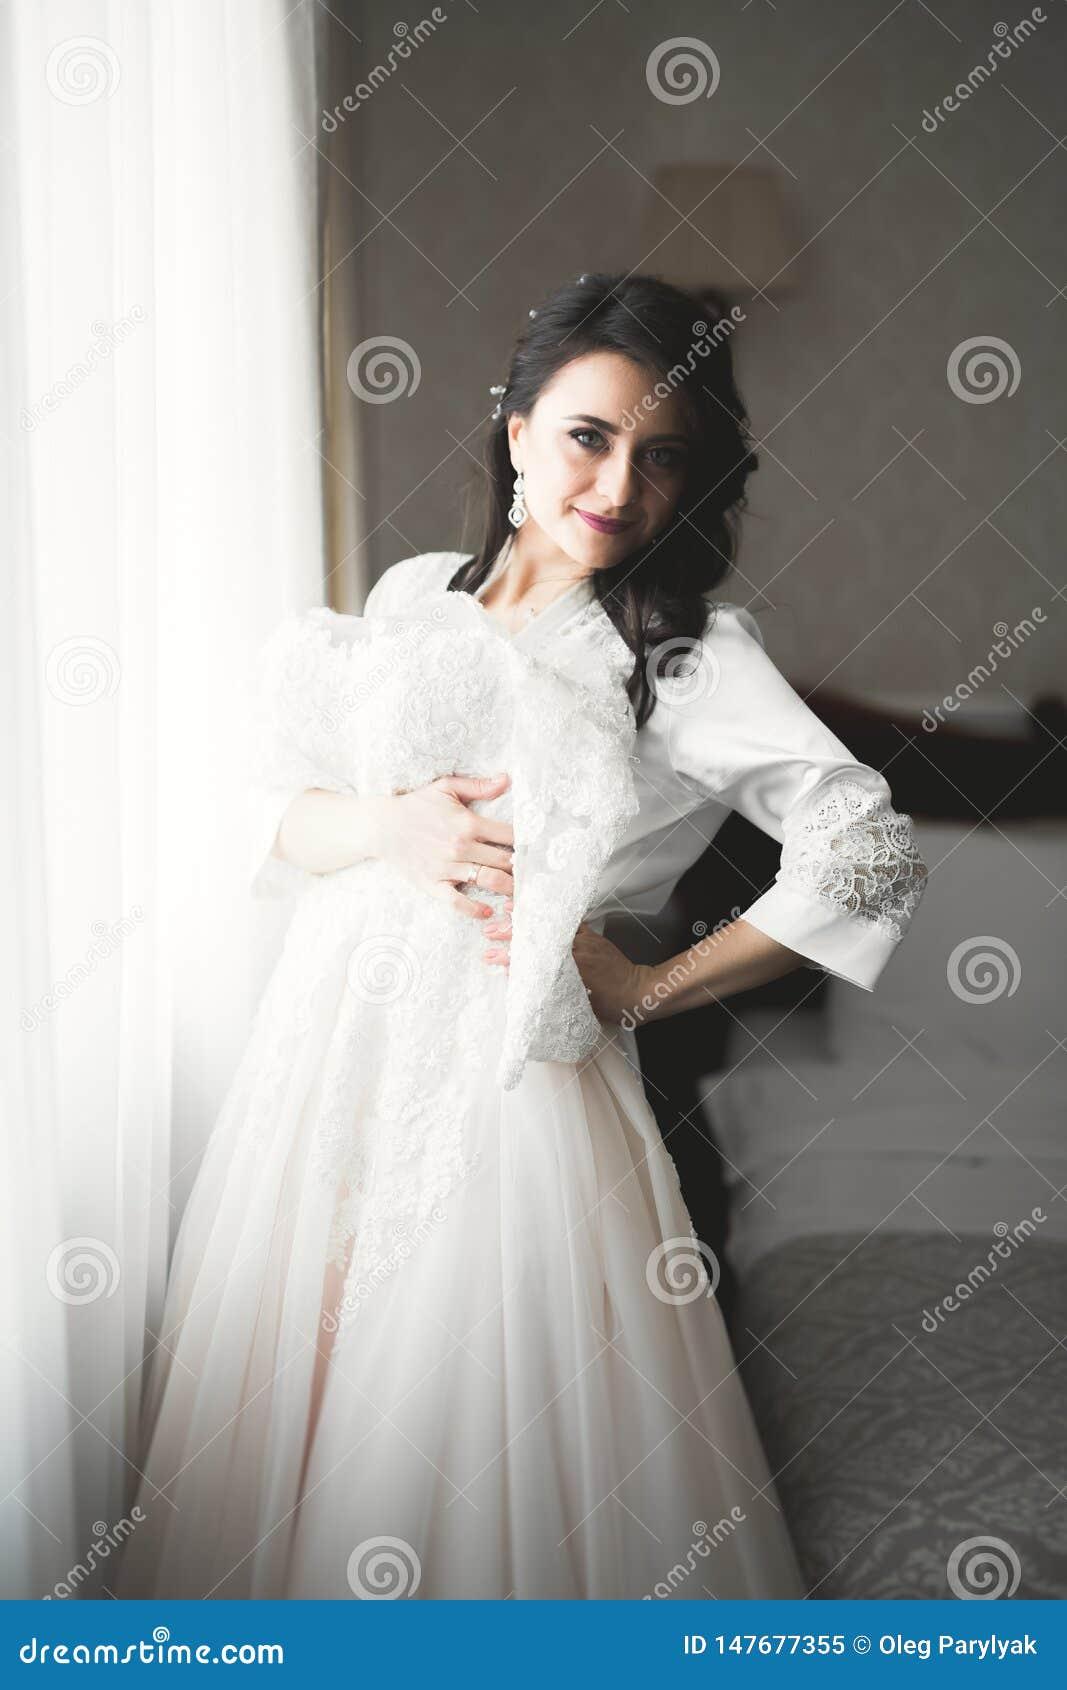 Portr?t der sch?nen Braut mit Modeschleier am Hochzeitsmorgen